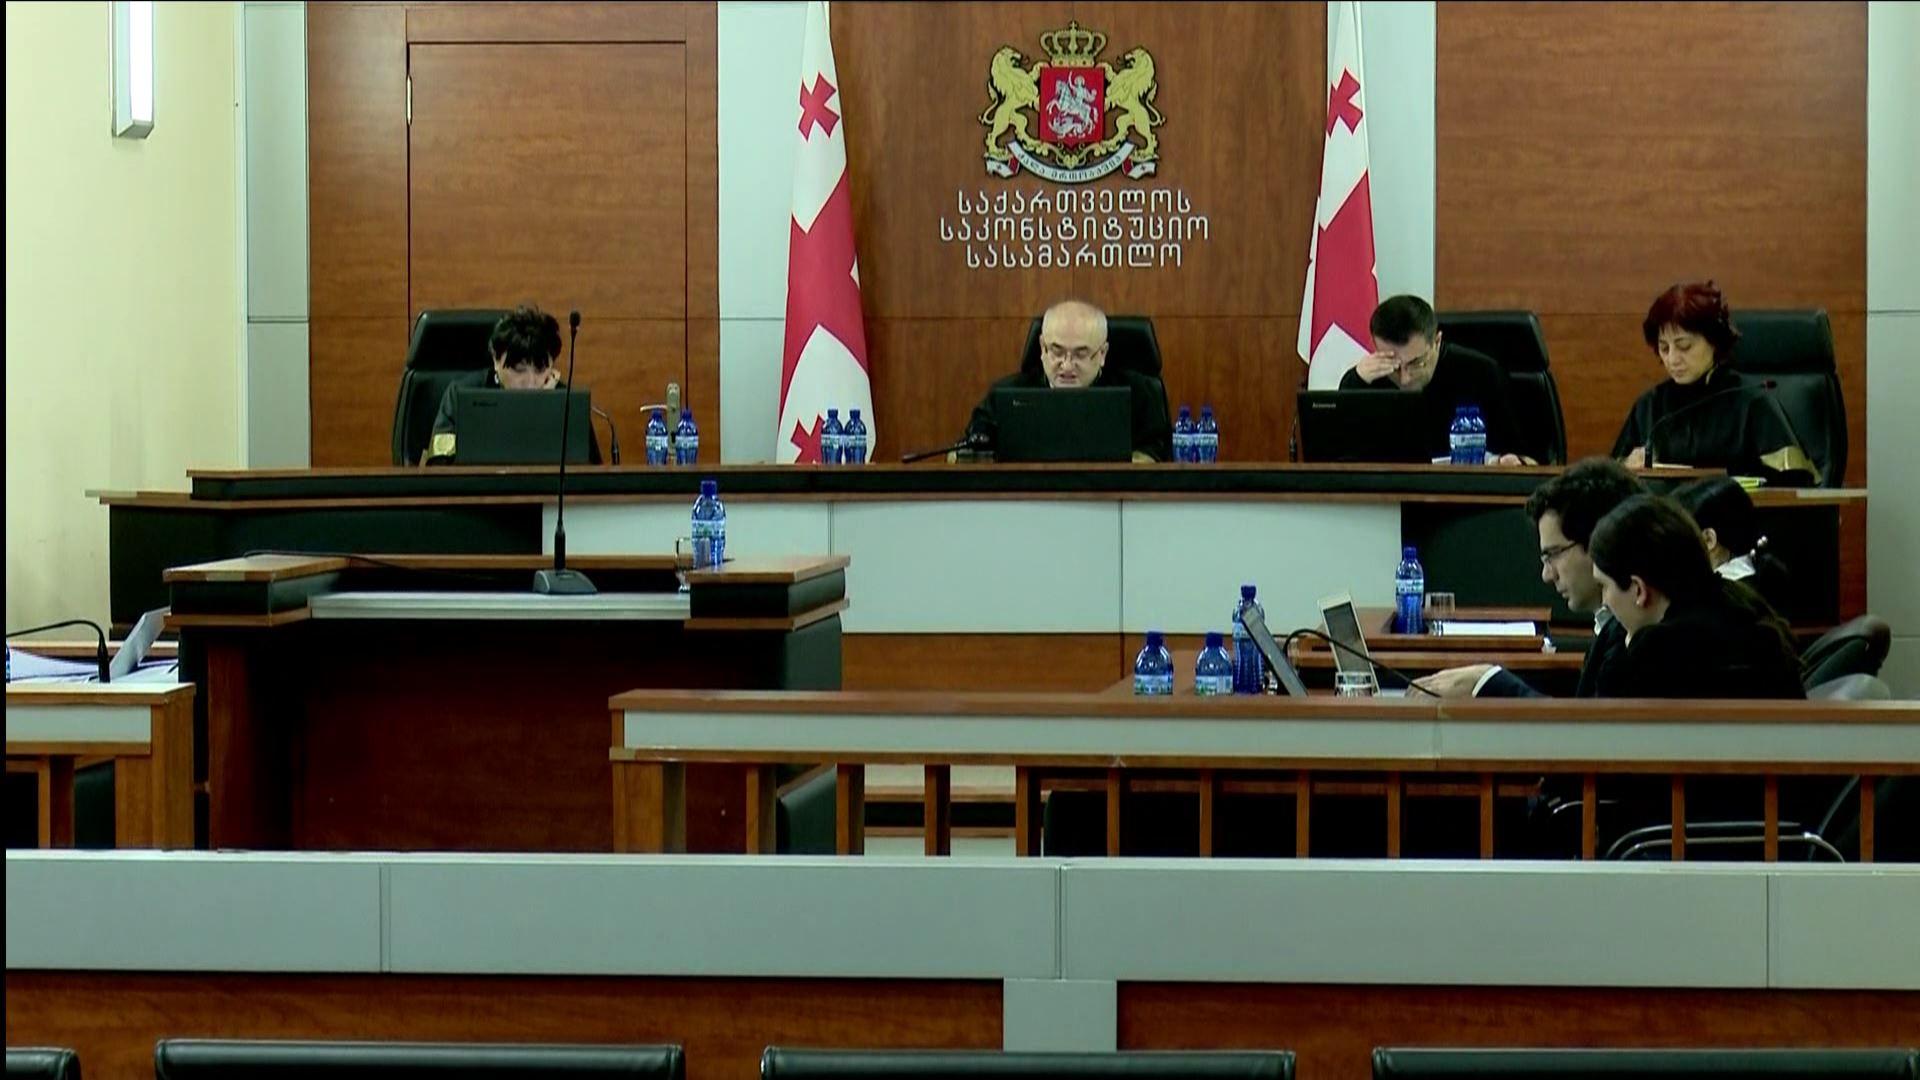 მოქალაქე პარლამენტის წინააღმდეგ - განხილვა საკონსტიტუციო სასამართლოში